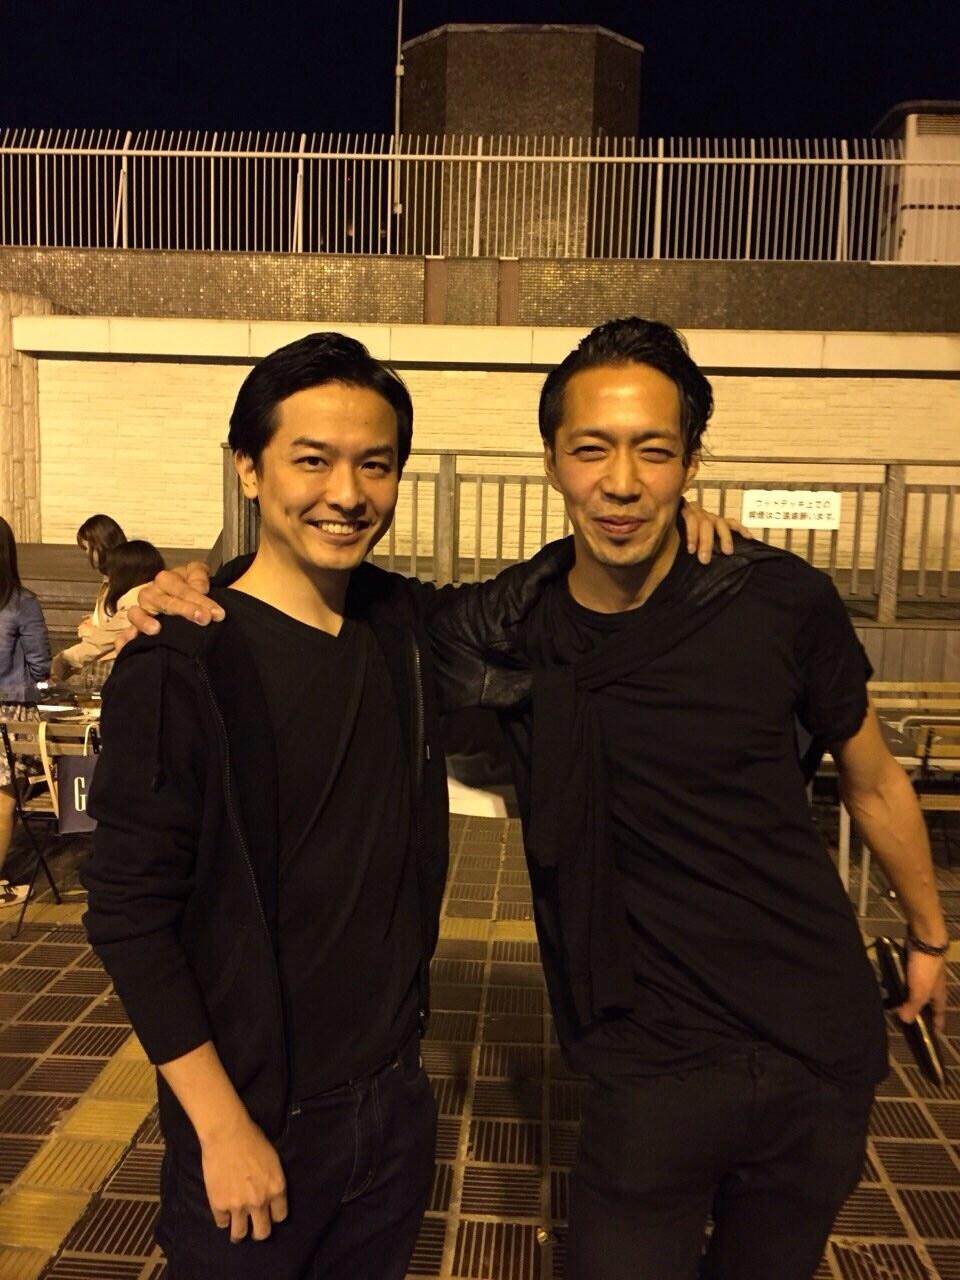 Yutaro From Meguro, Japan